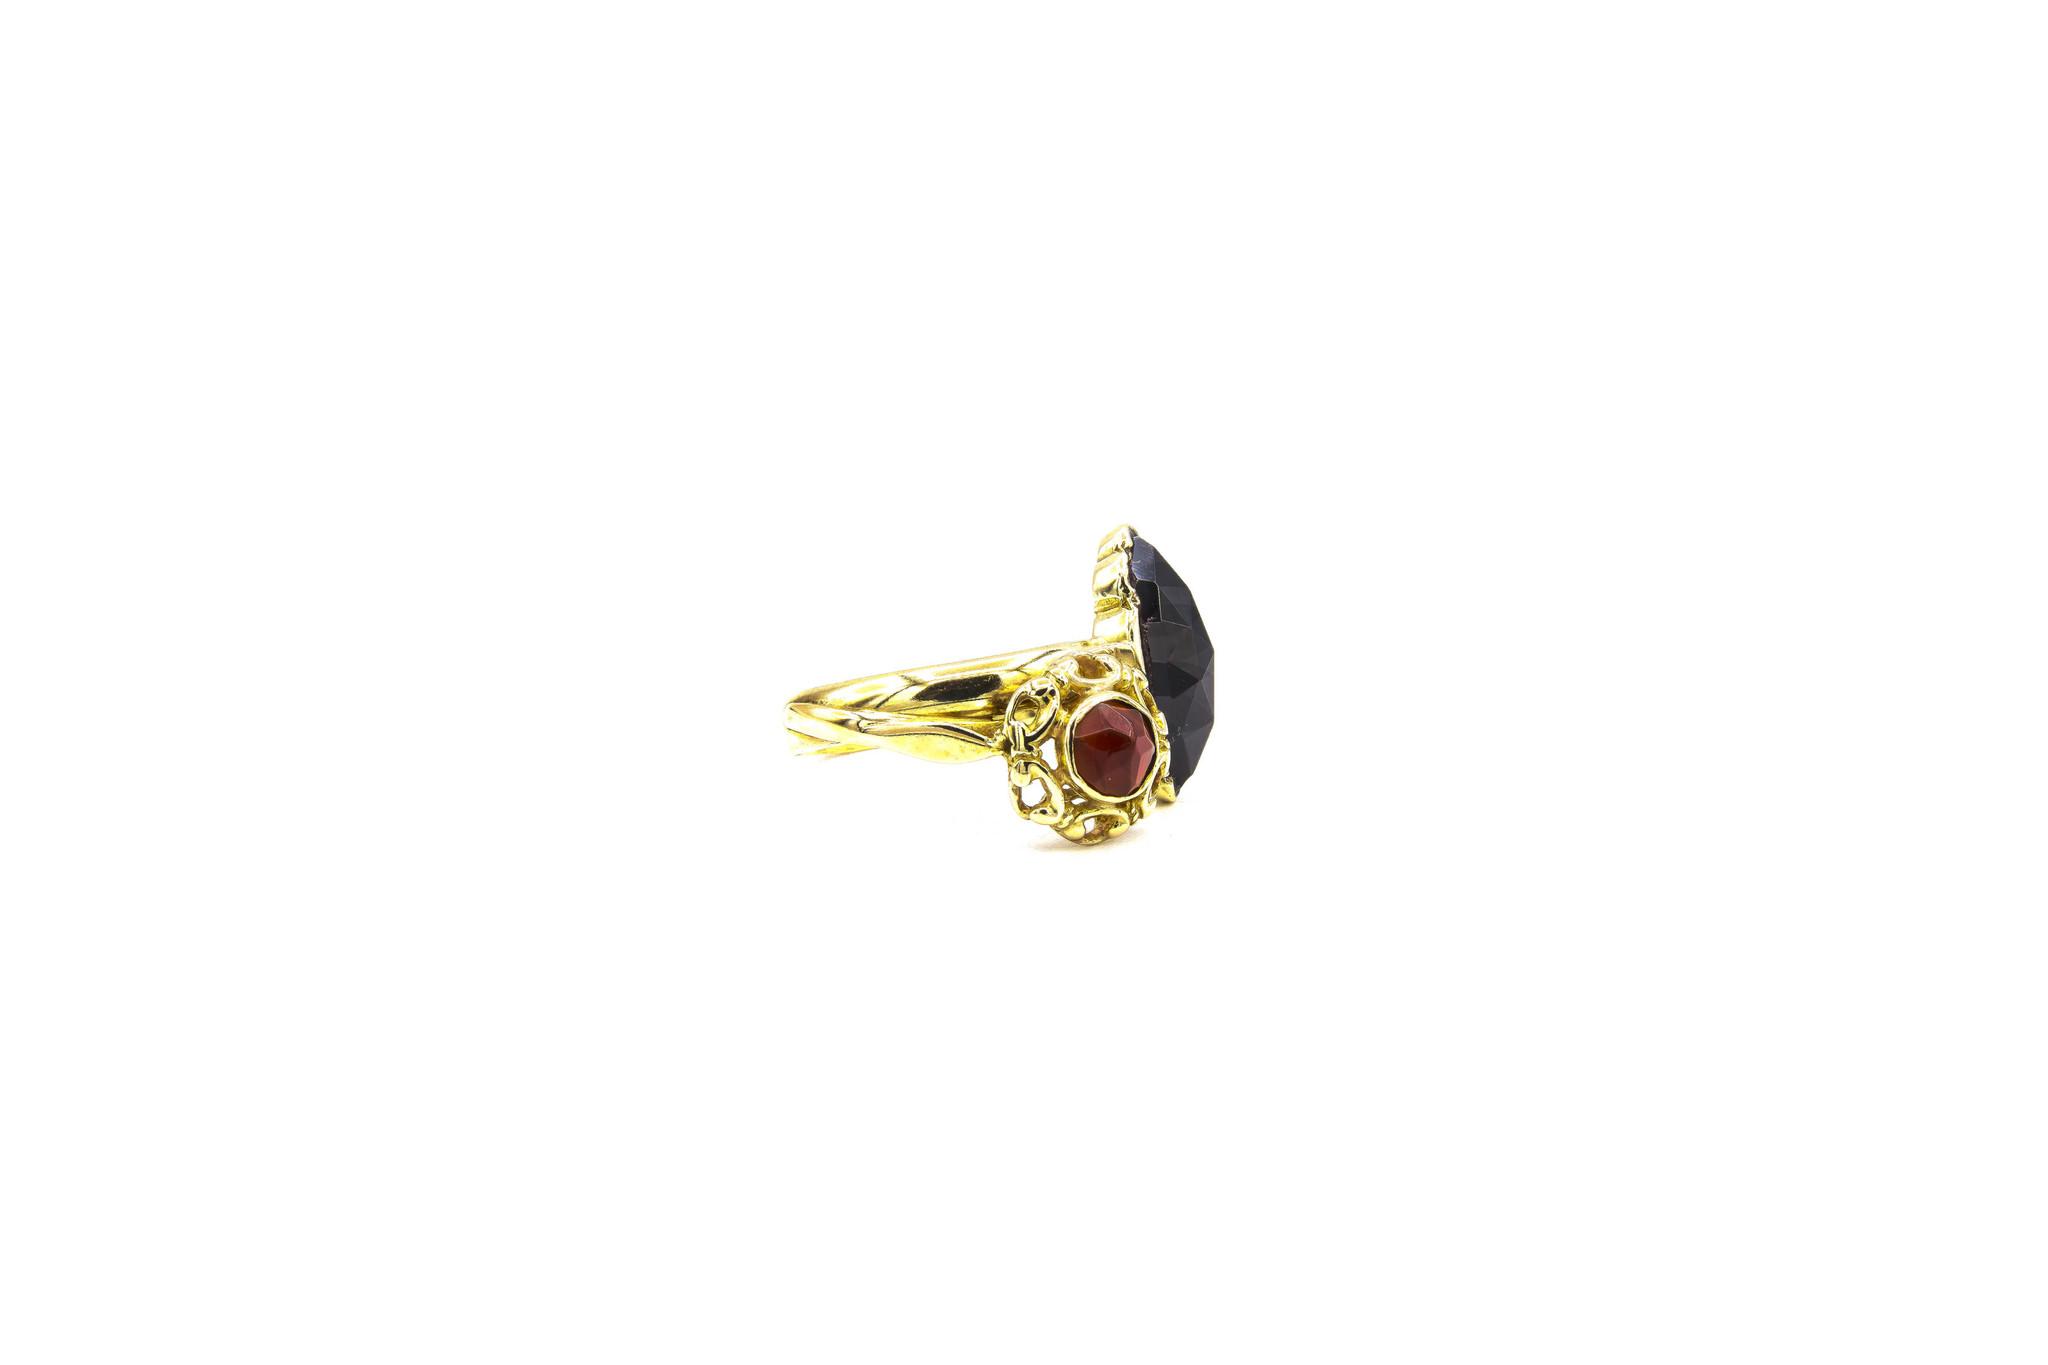 Ring samengesteld van 2 exemplaren met 2 donkerrode stenen-3